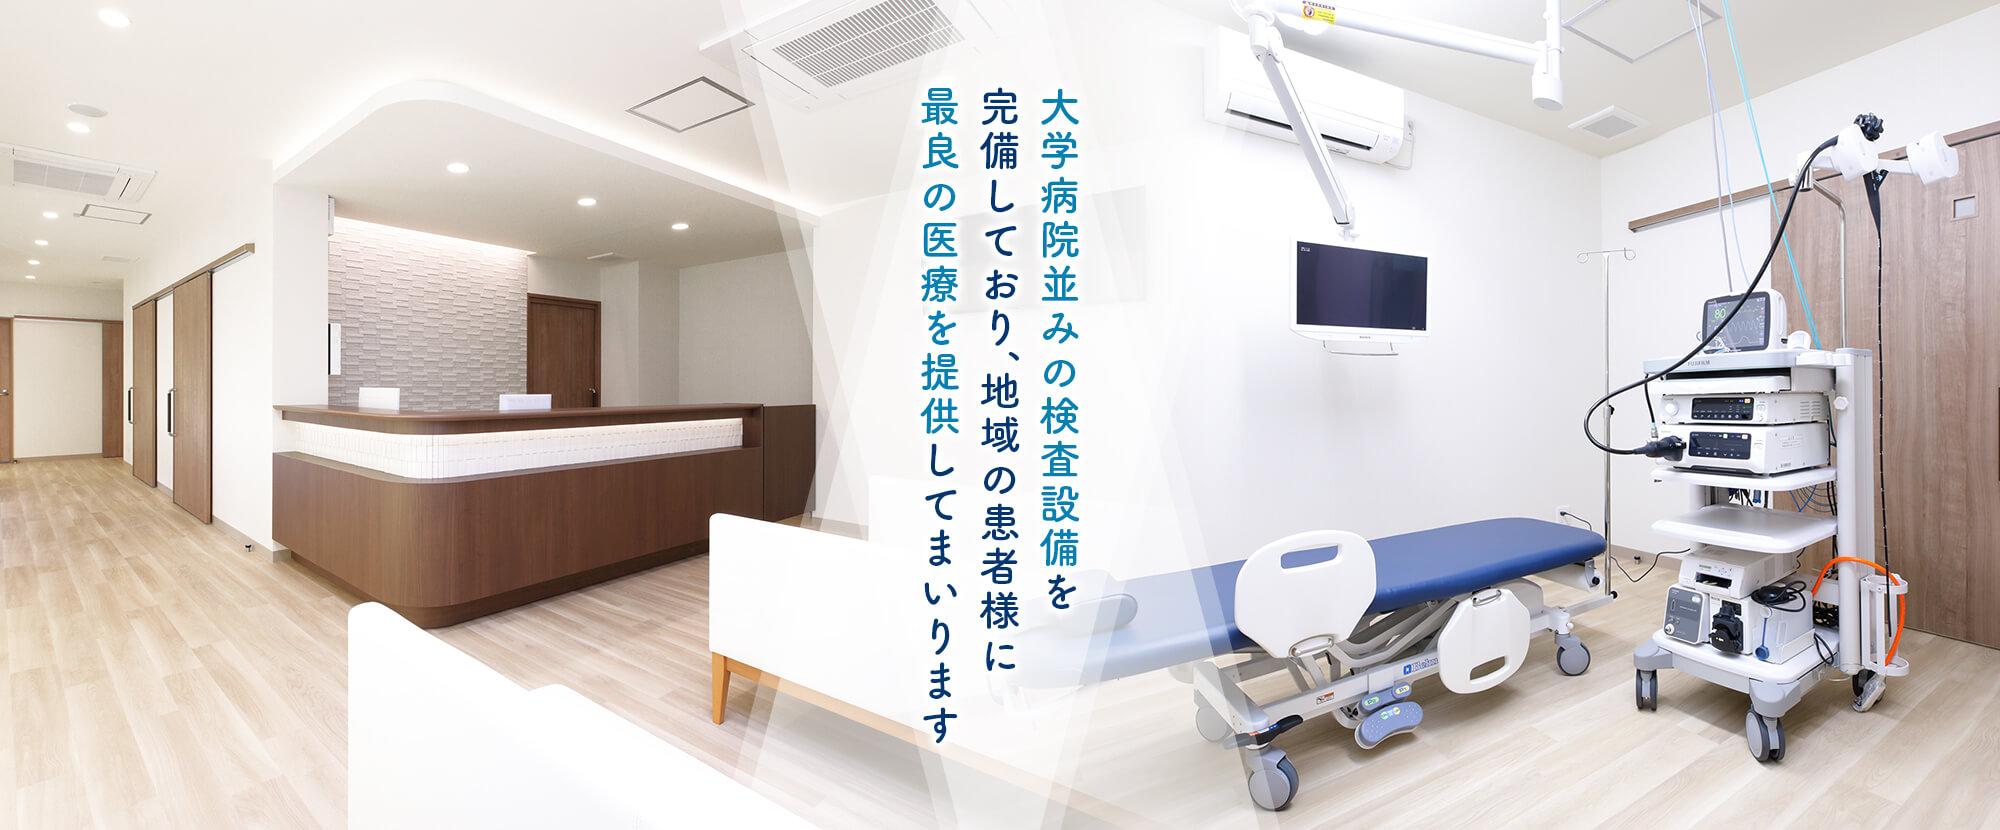 大学病院並みの検査設備を完備しており、地域の患者様に最良の医療を提供してまいります